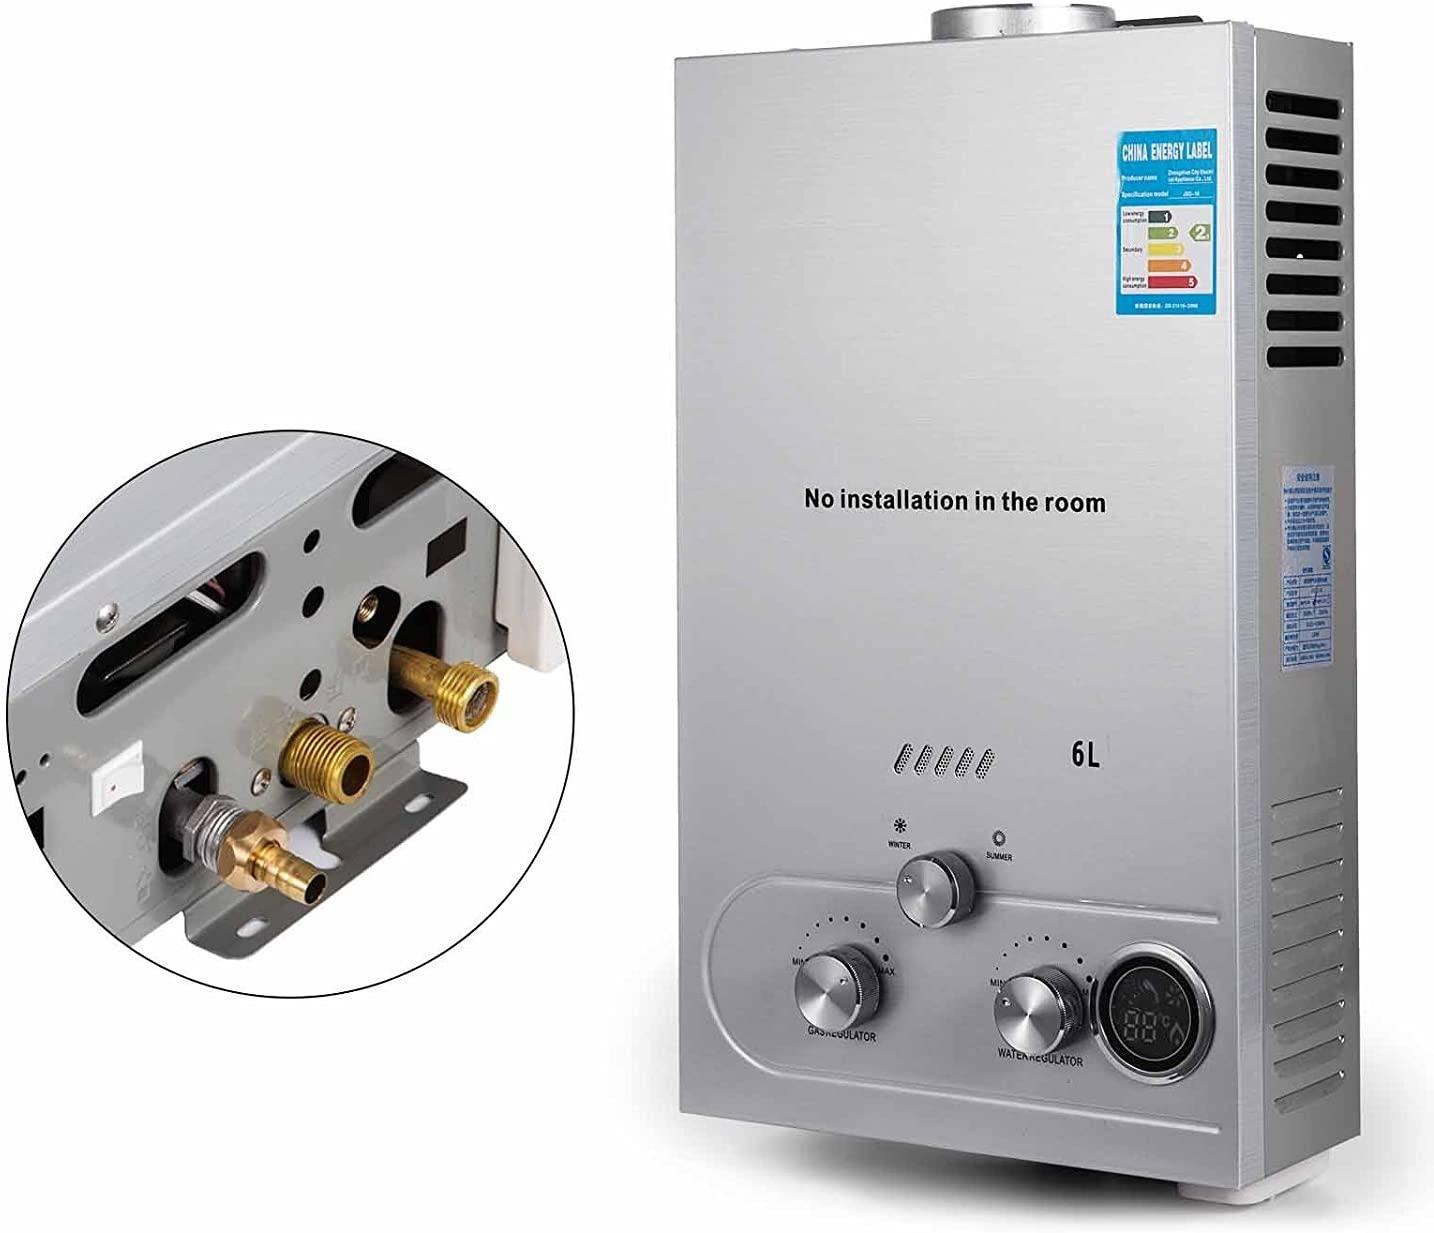 Guellin LNG Calentador de Agua de Gas Natural Calentador de Agua Calentador de Agua Automático Calentador de Agua Instantáneo Natural Gas Water Heater (6L)